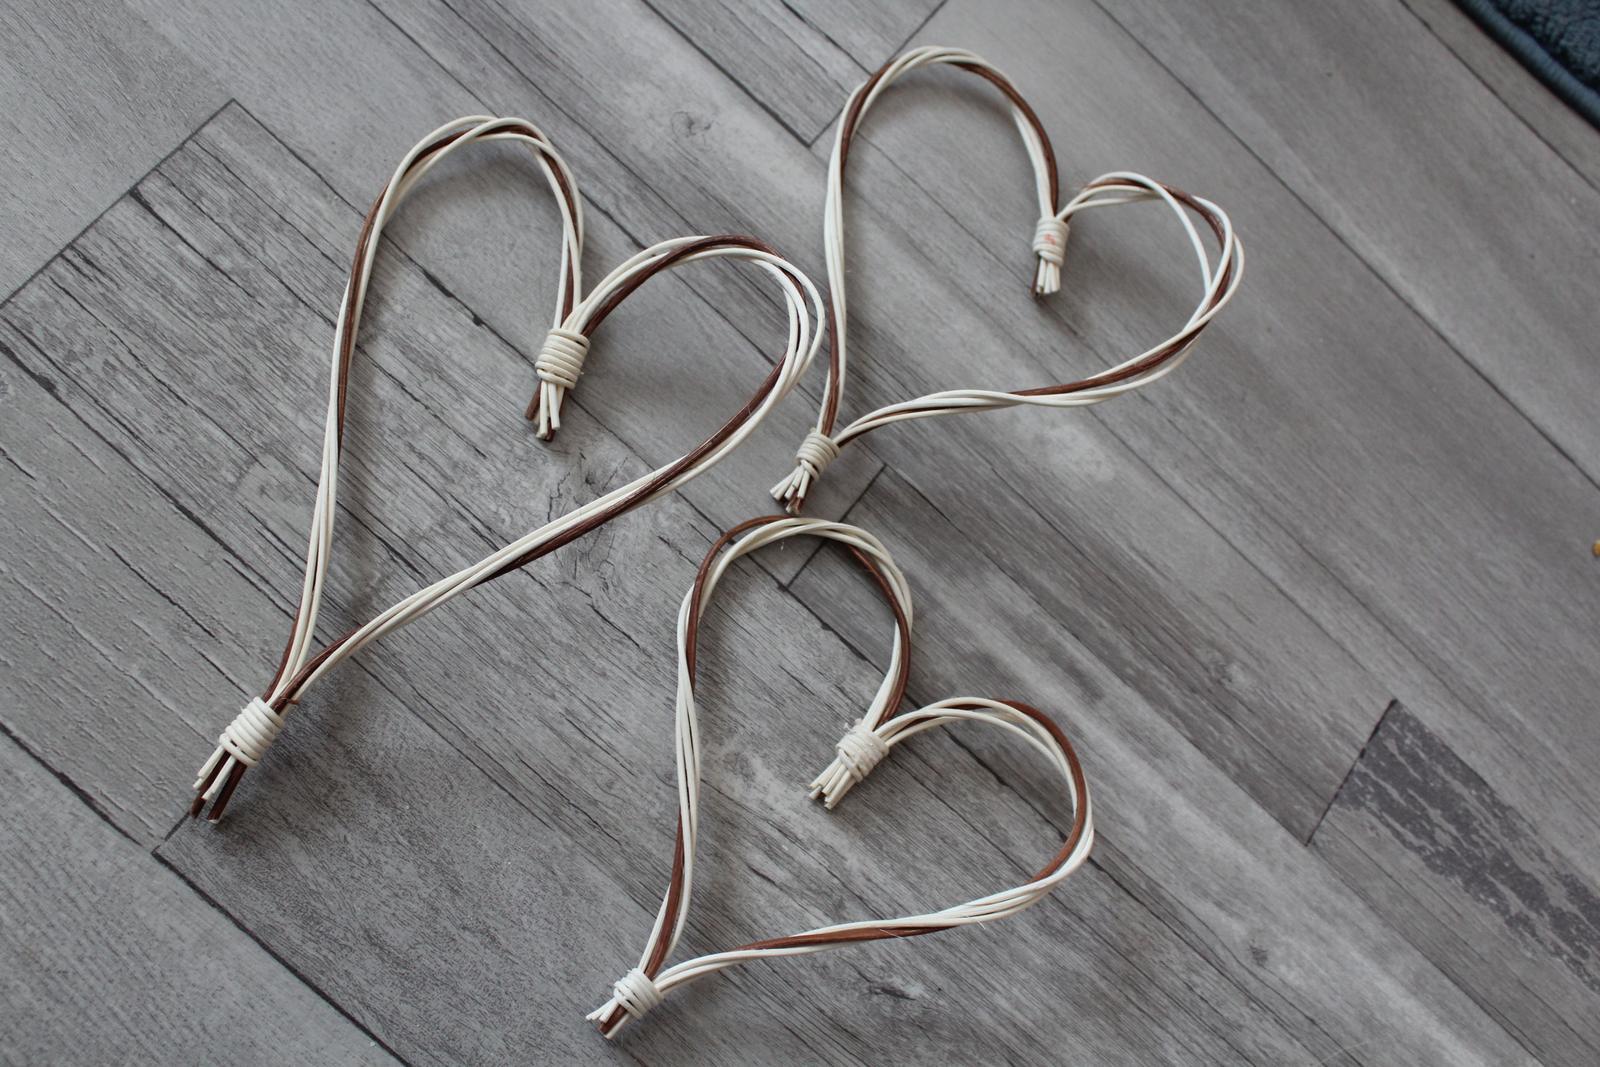 Pedigová srdce - Obrázek č. 1